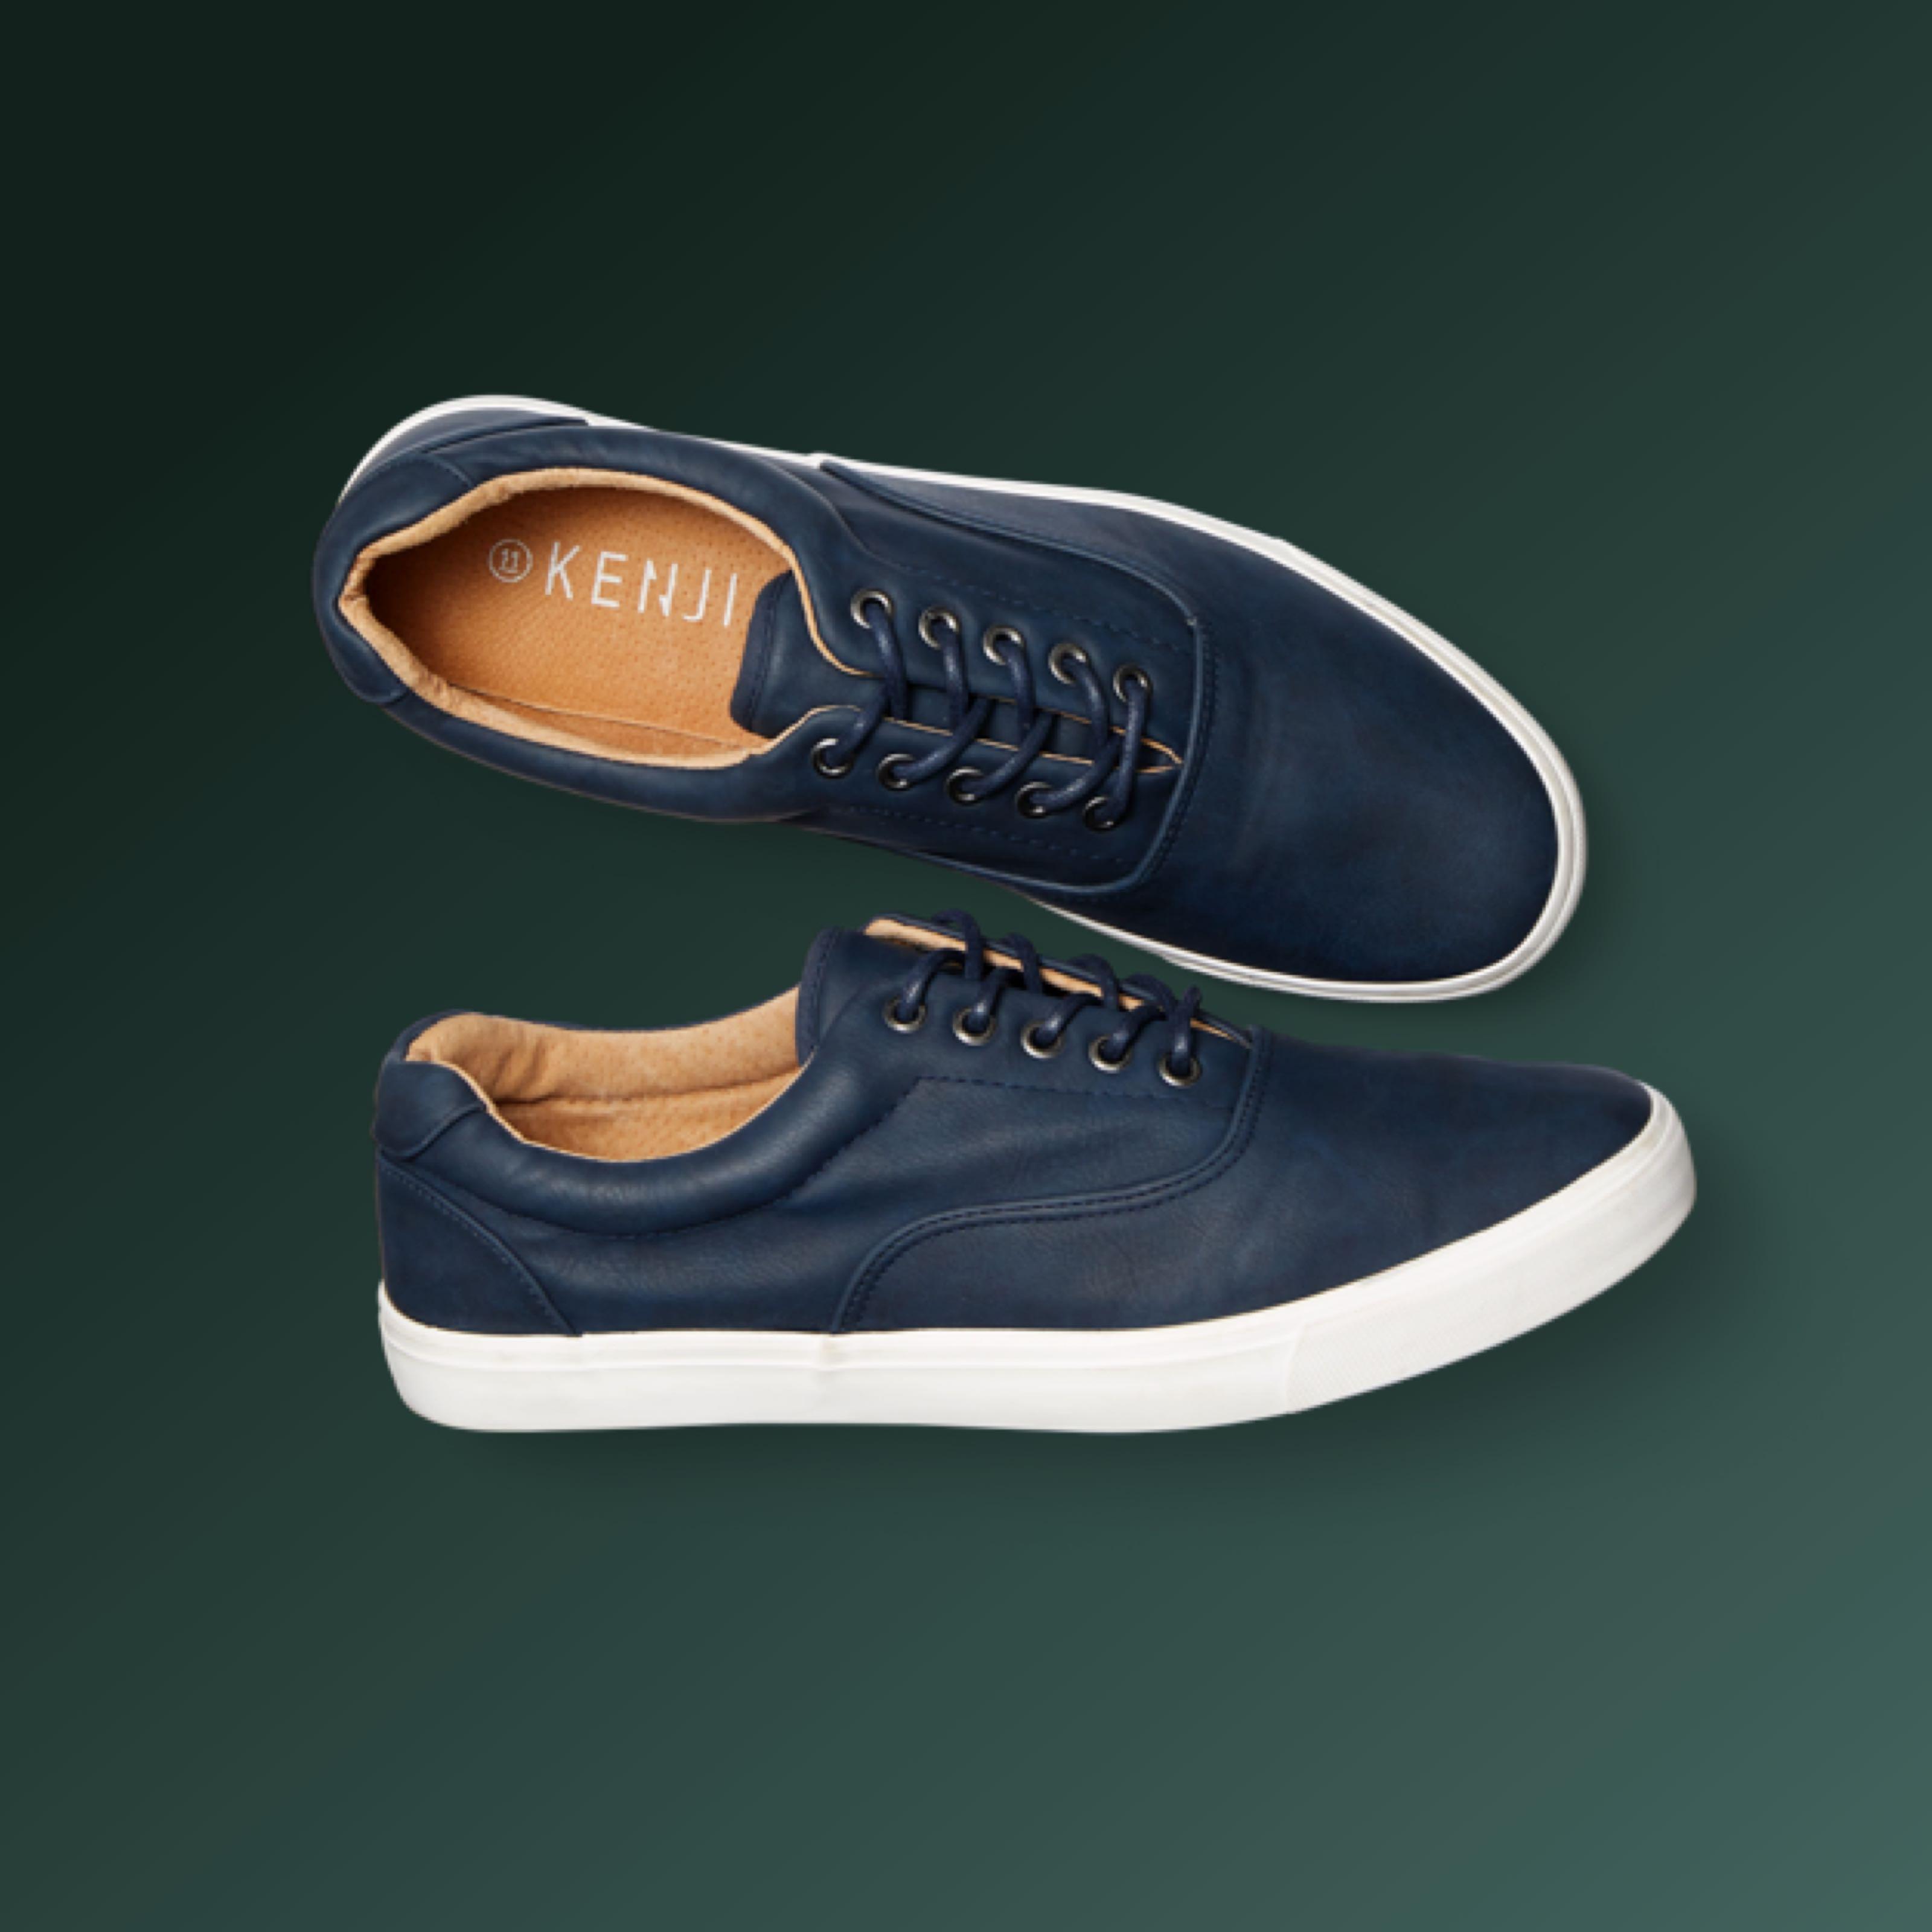 eadd0f95b9ddad Shoes